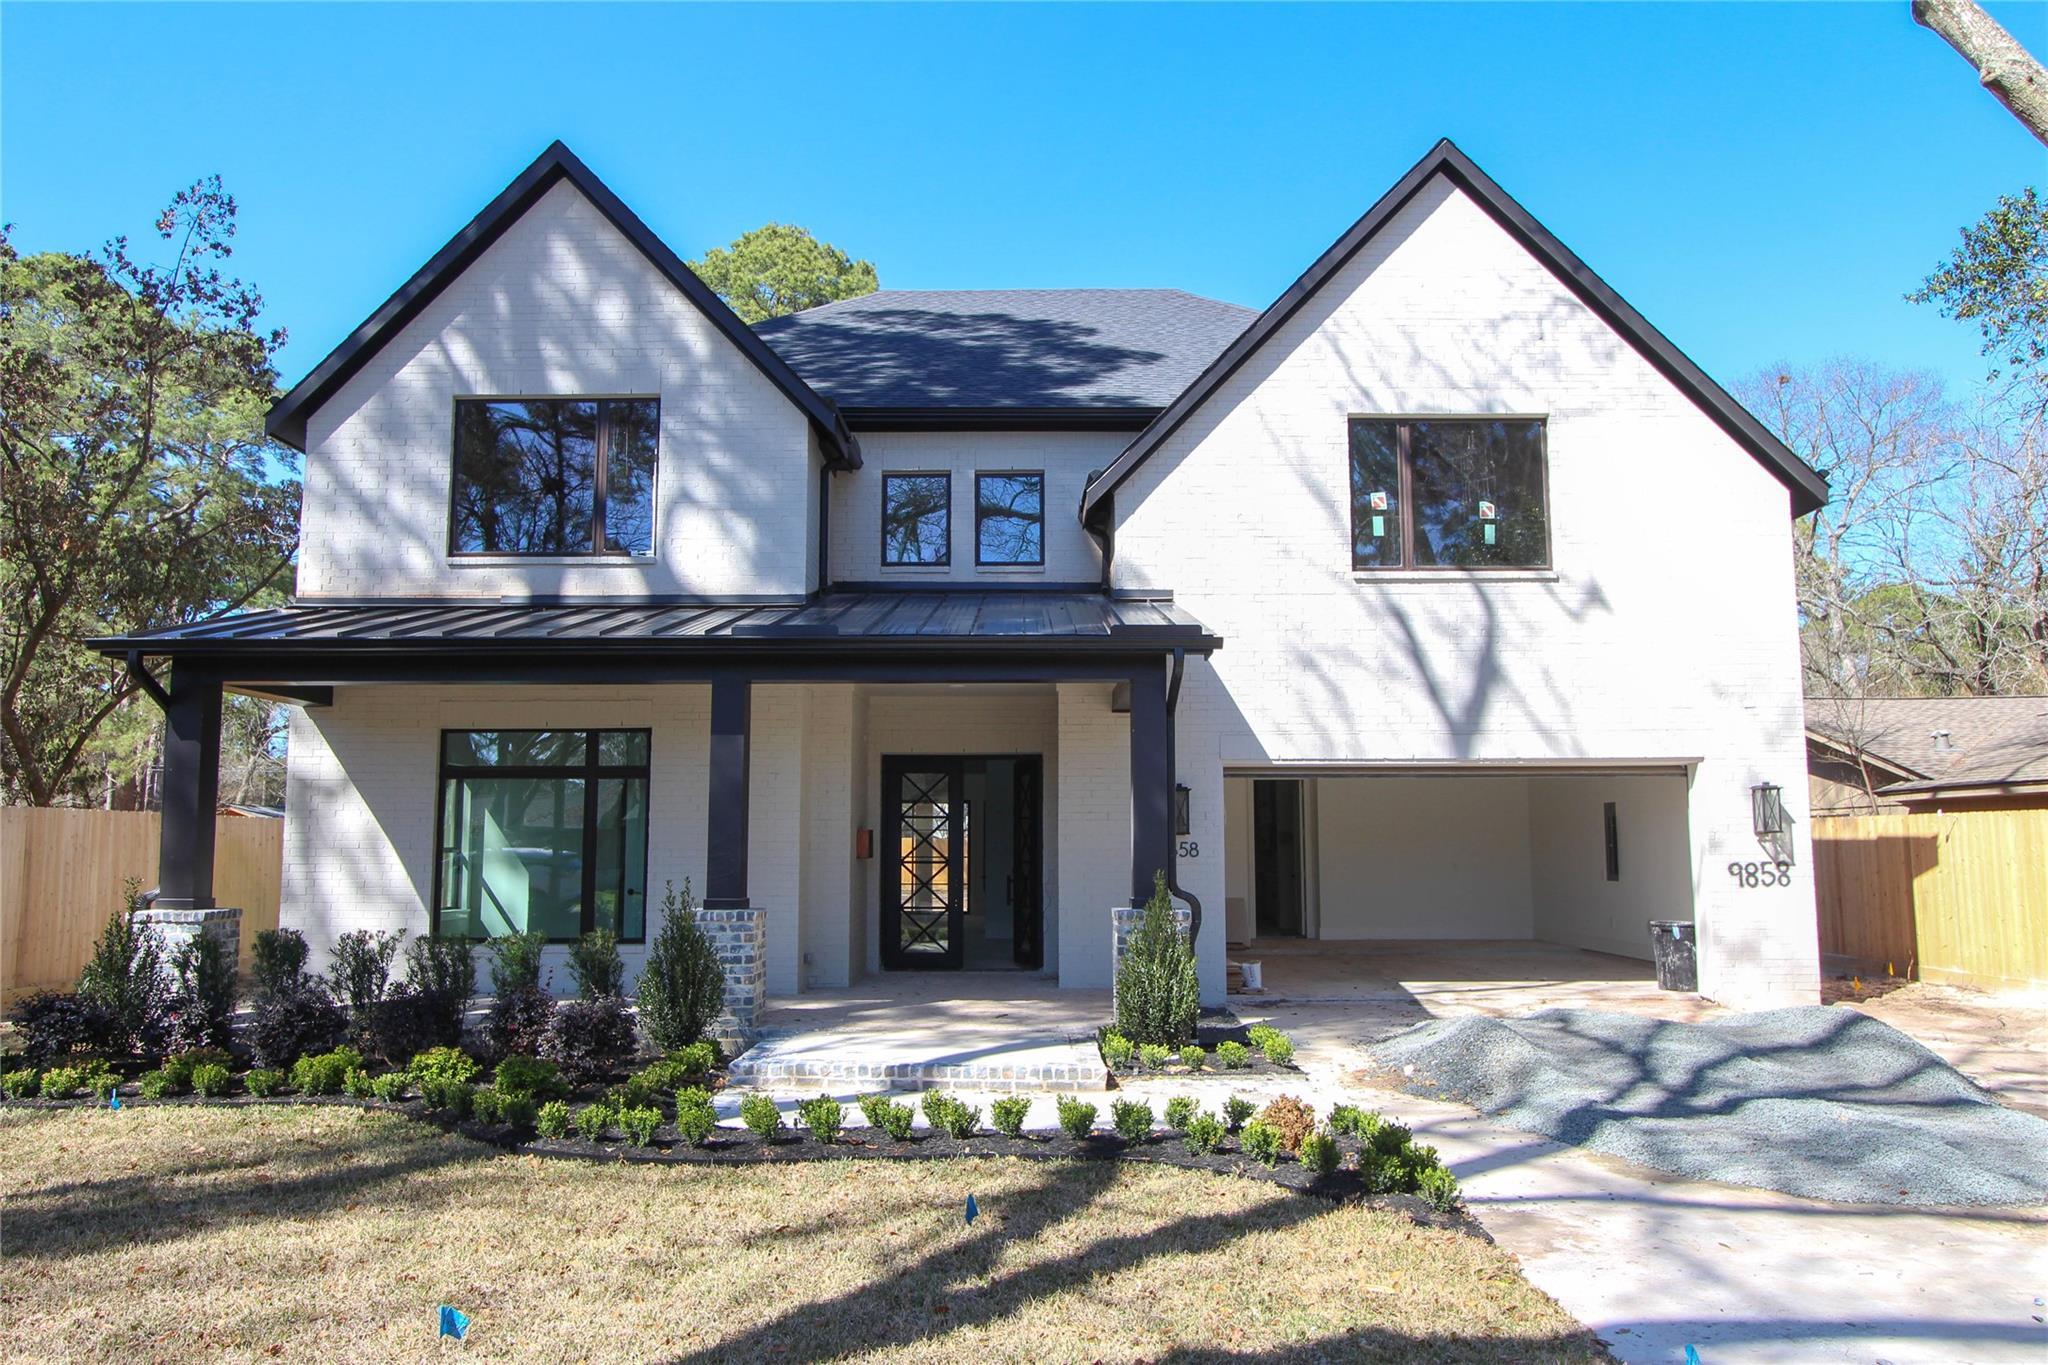 9858 Briarwild Lane Property Photo - Houston, TX real estate listing